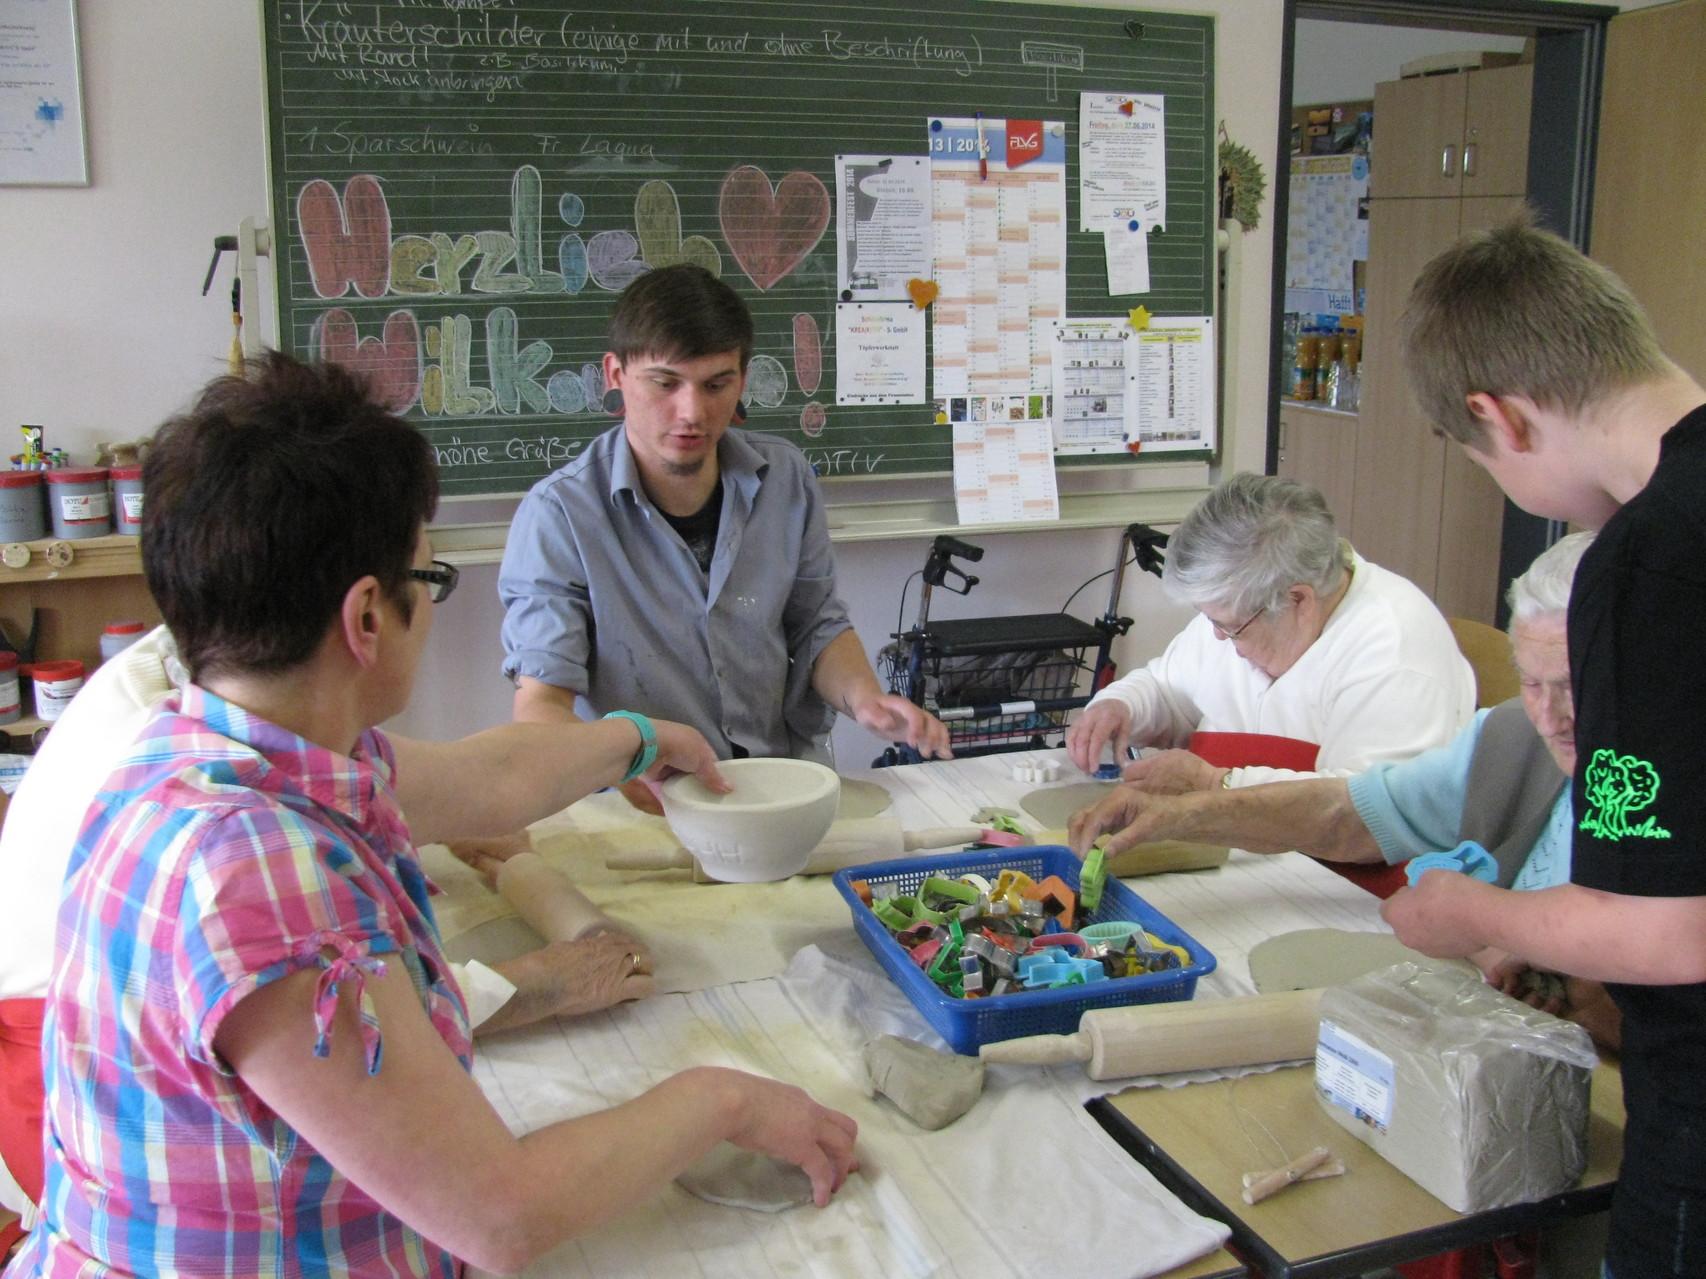 Mitarbeiter, Bewohner und Auszubildende saßen an einem Tisch